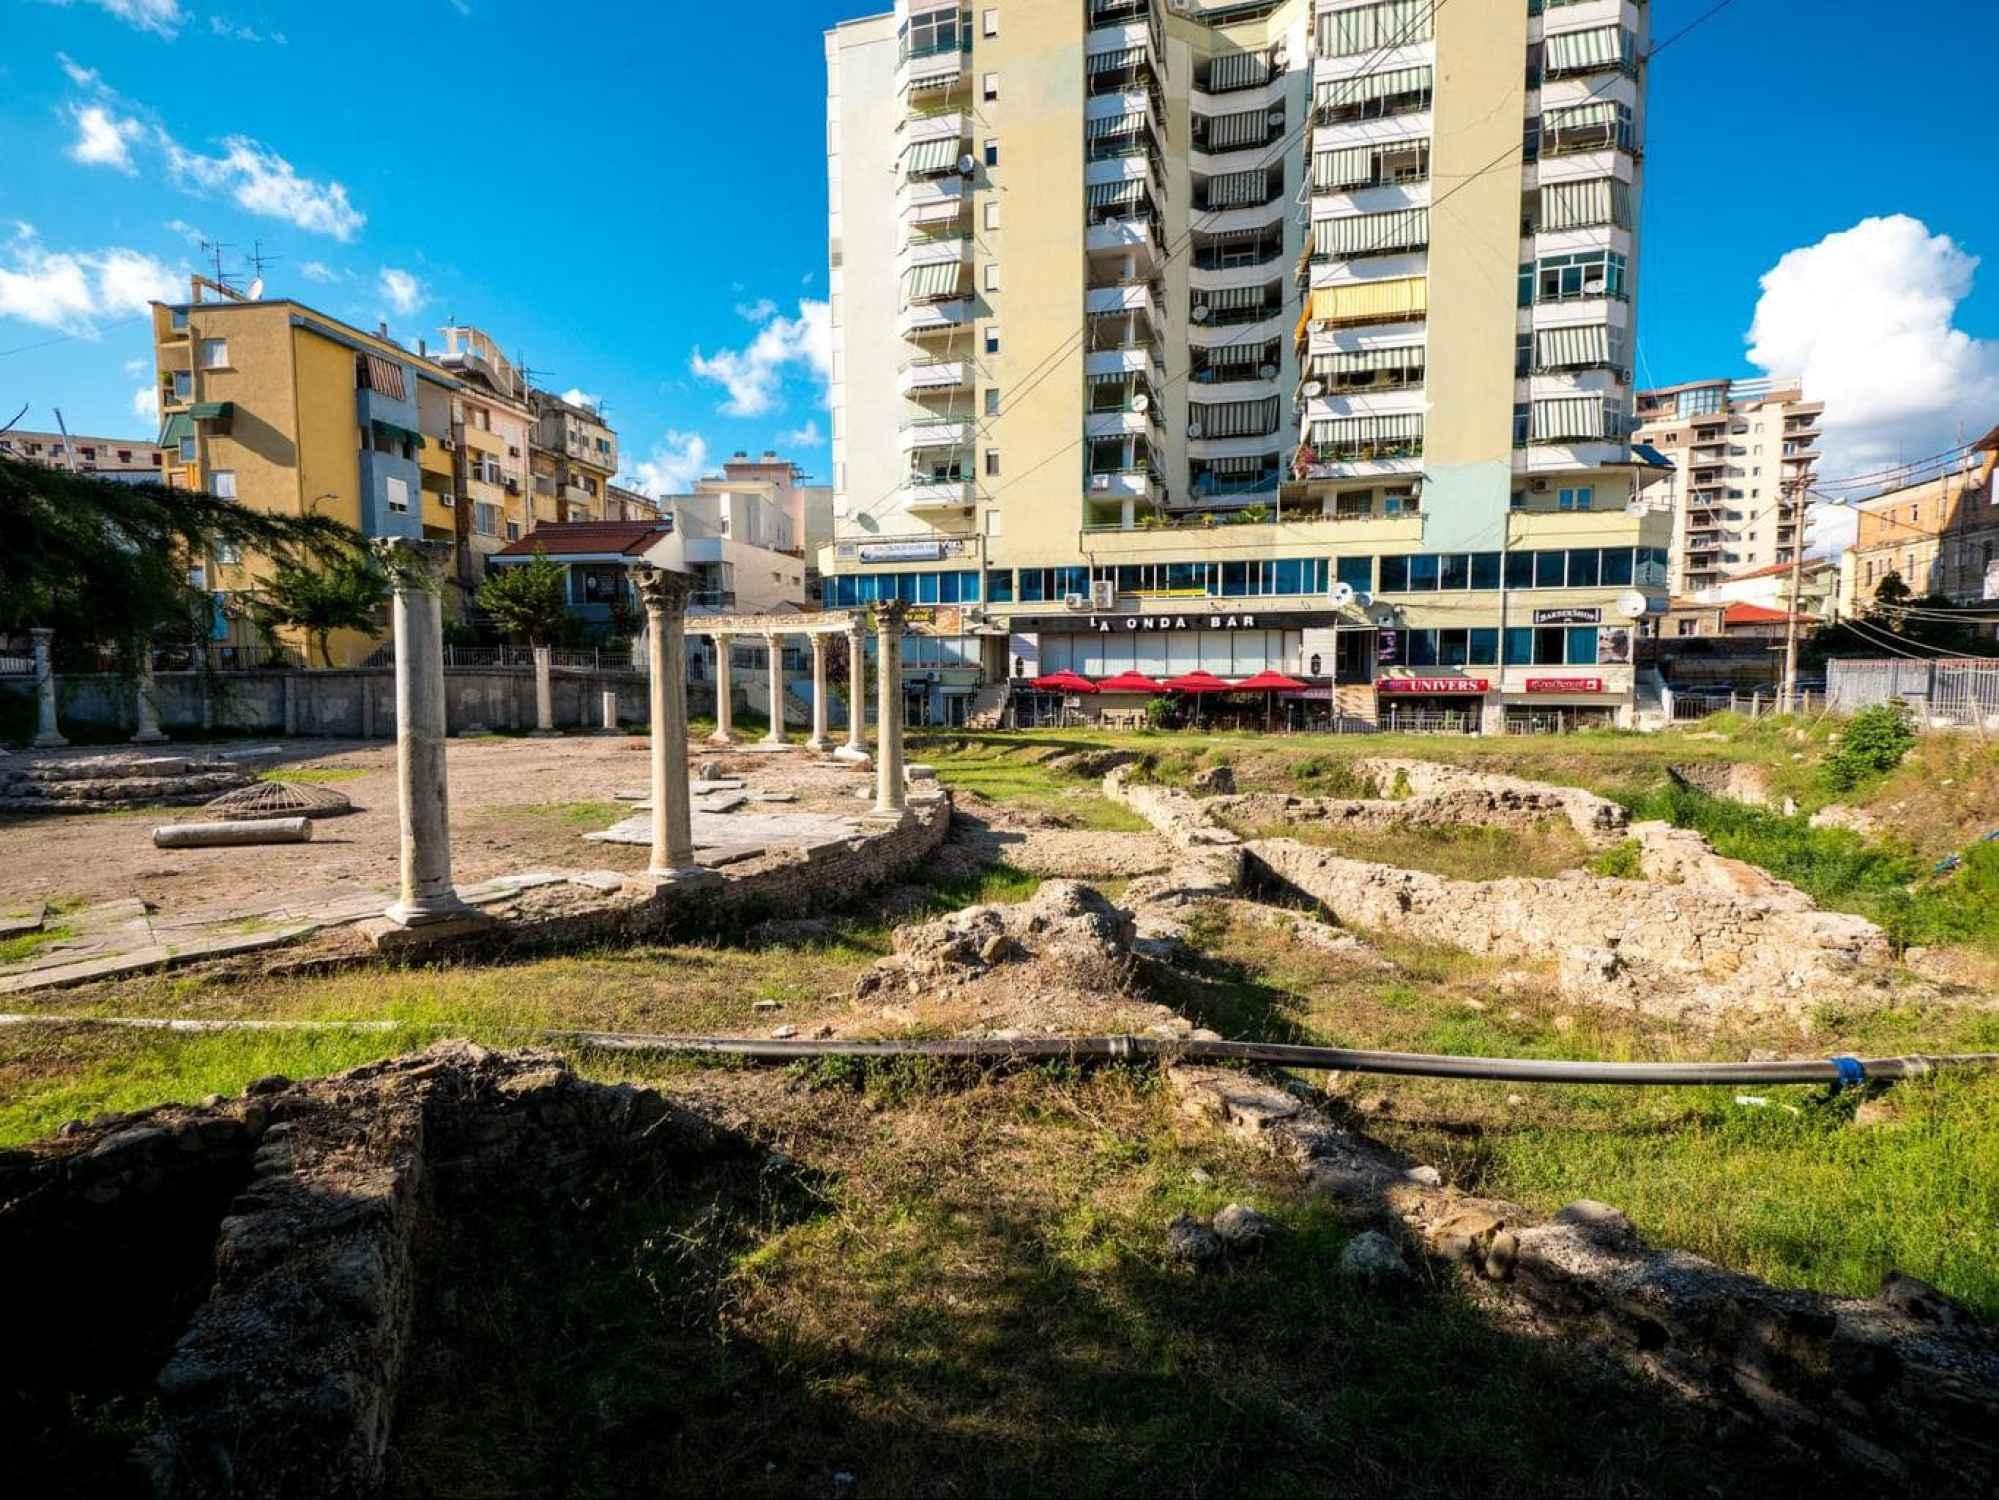 Byzantine forum for Durres